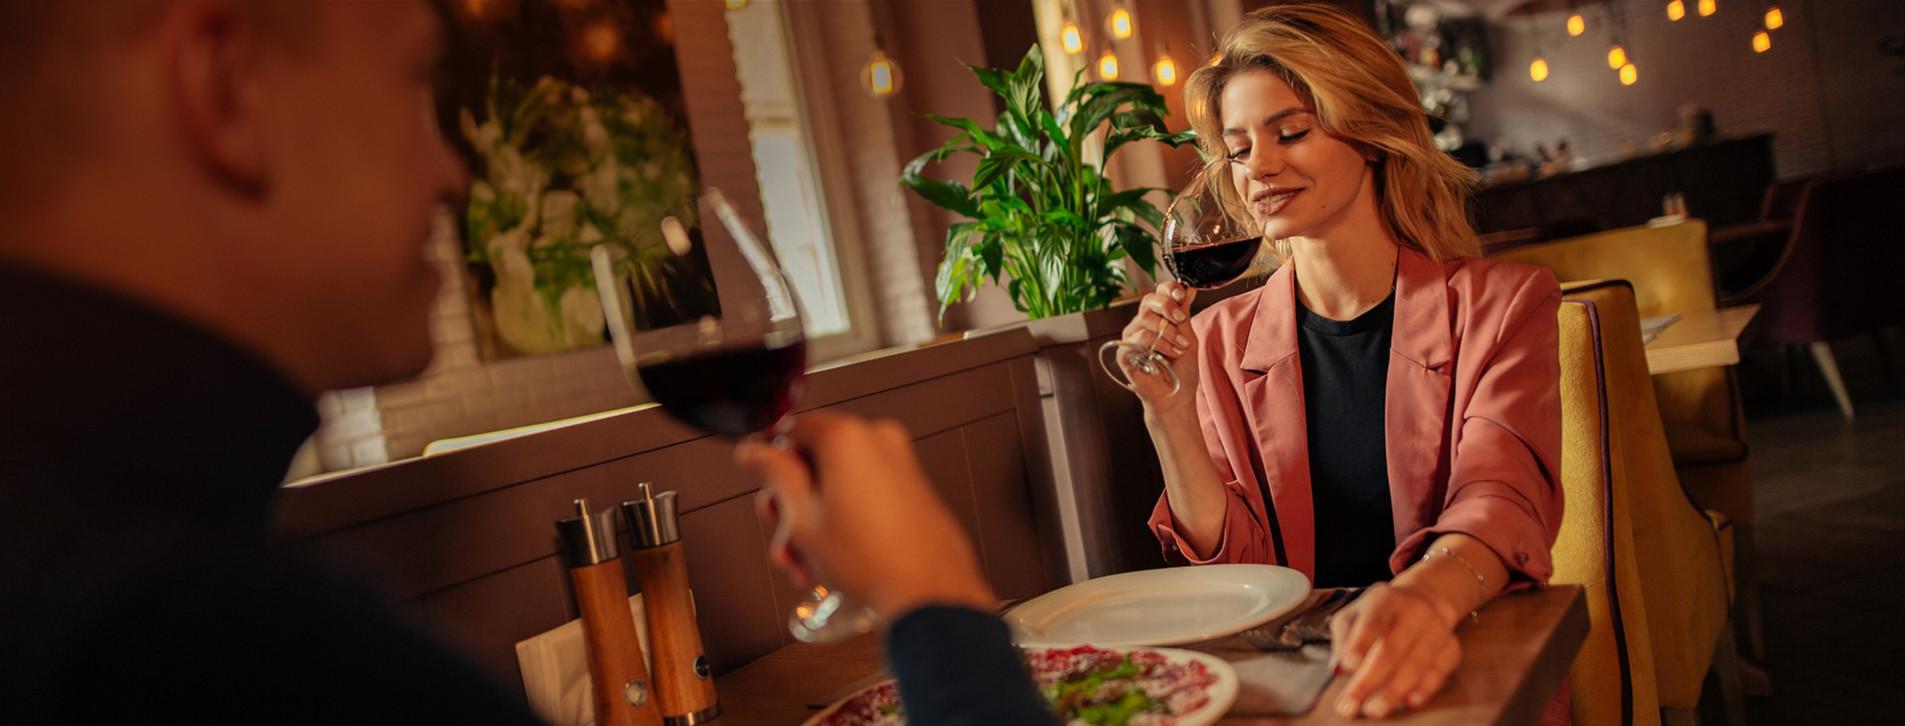 Фото - Ужин в итальянском ресторане